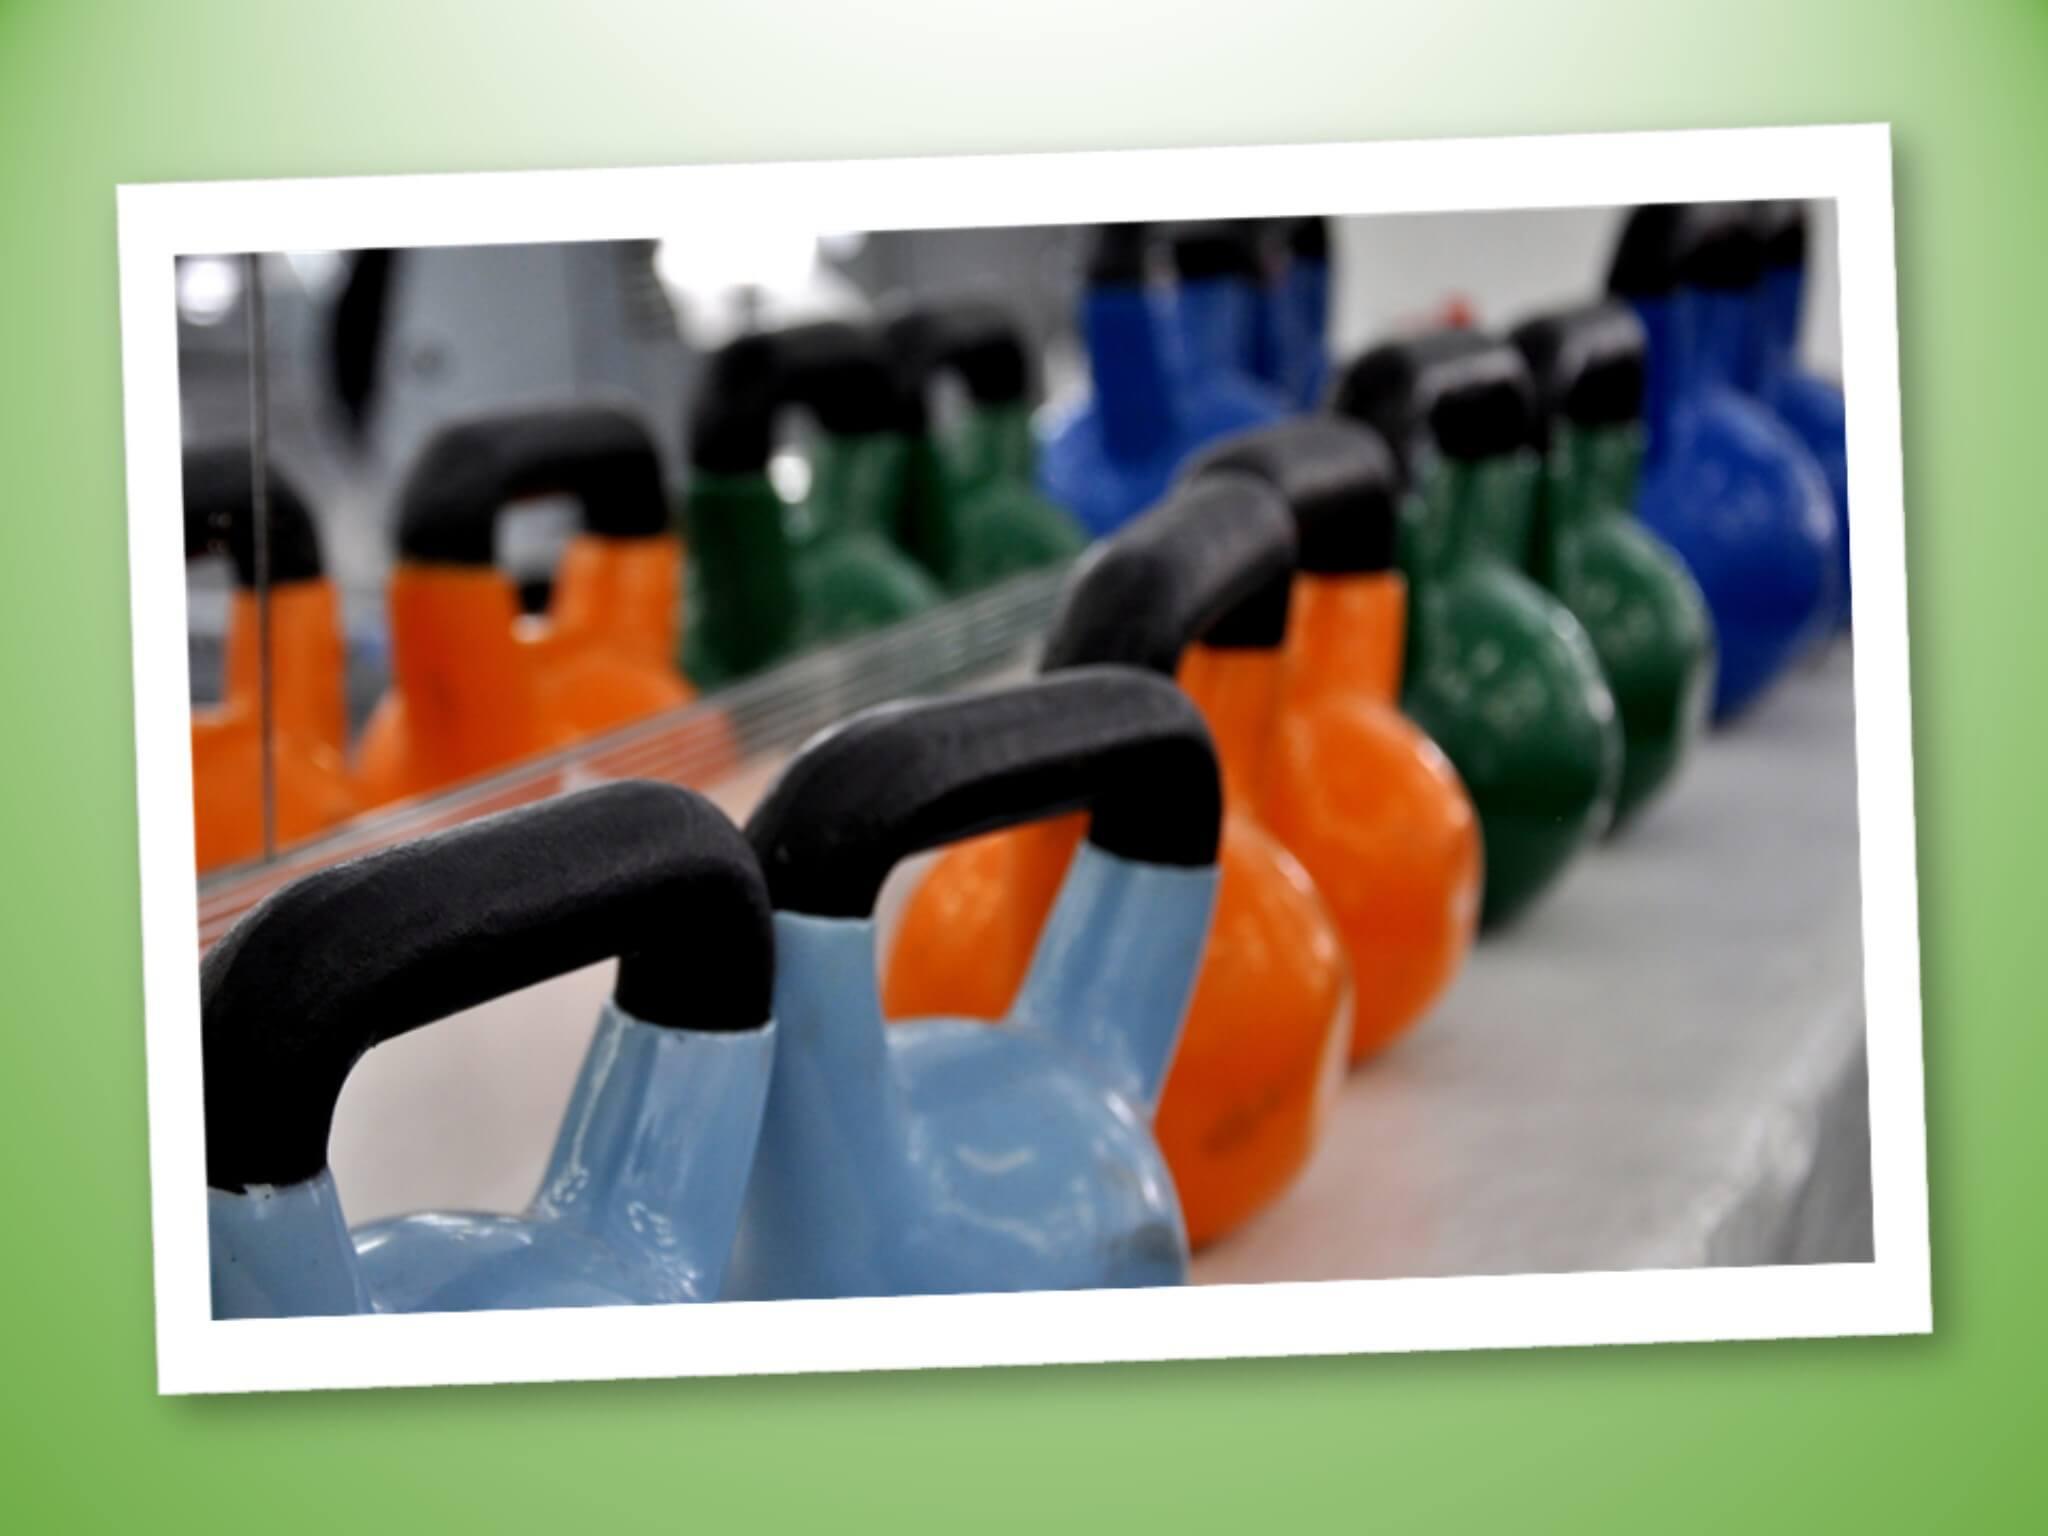 Kettlebell: allenamento della forza e condizionamento fisico